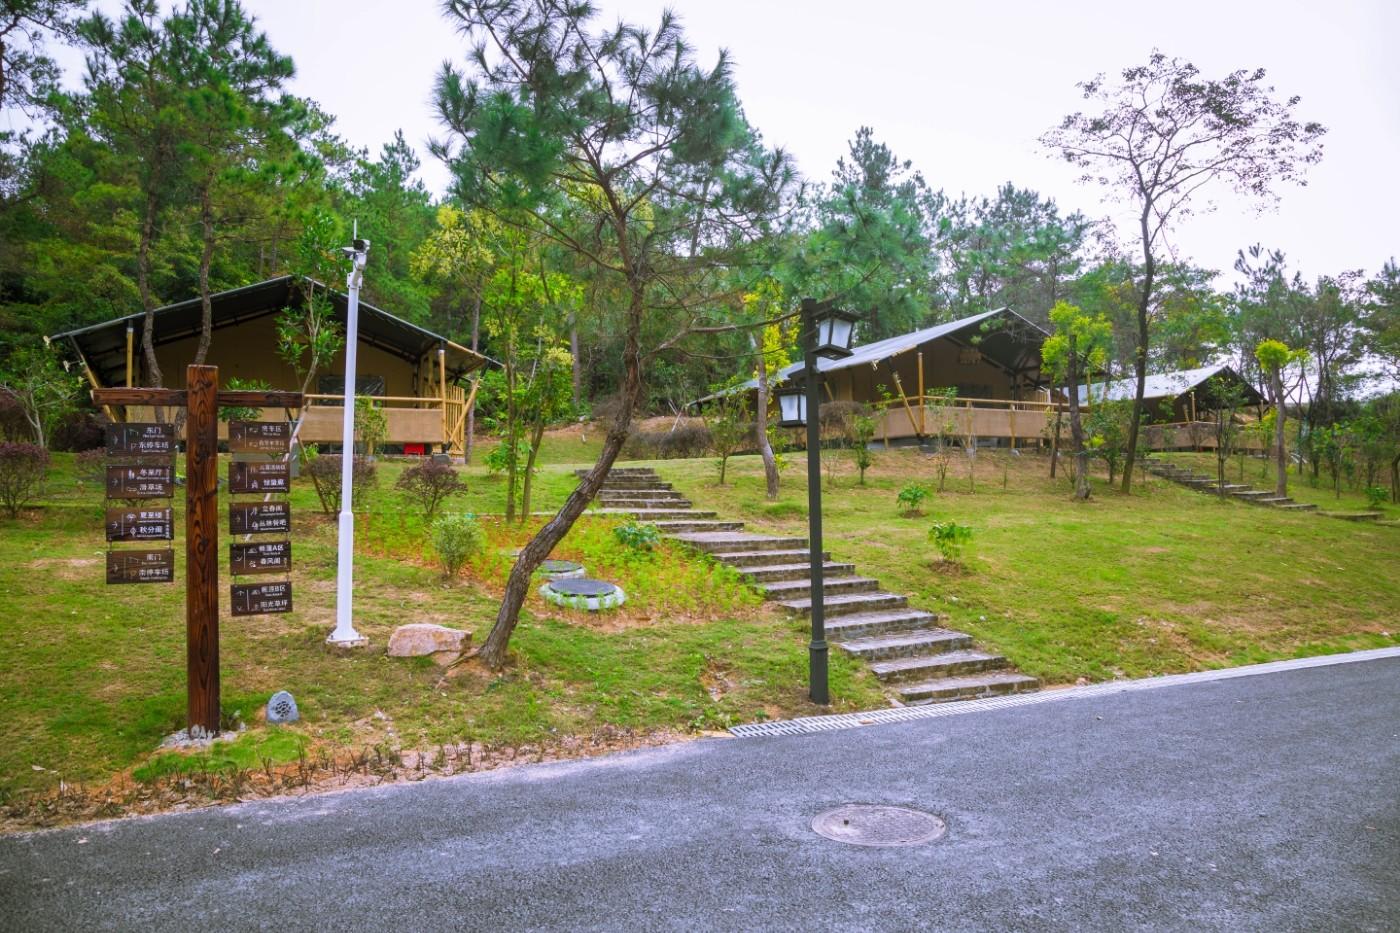 喜马拉雅野奢帐篷酒店—广州北迹露营平地帐篷酒店1